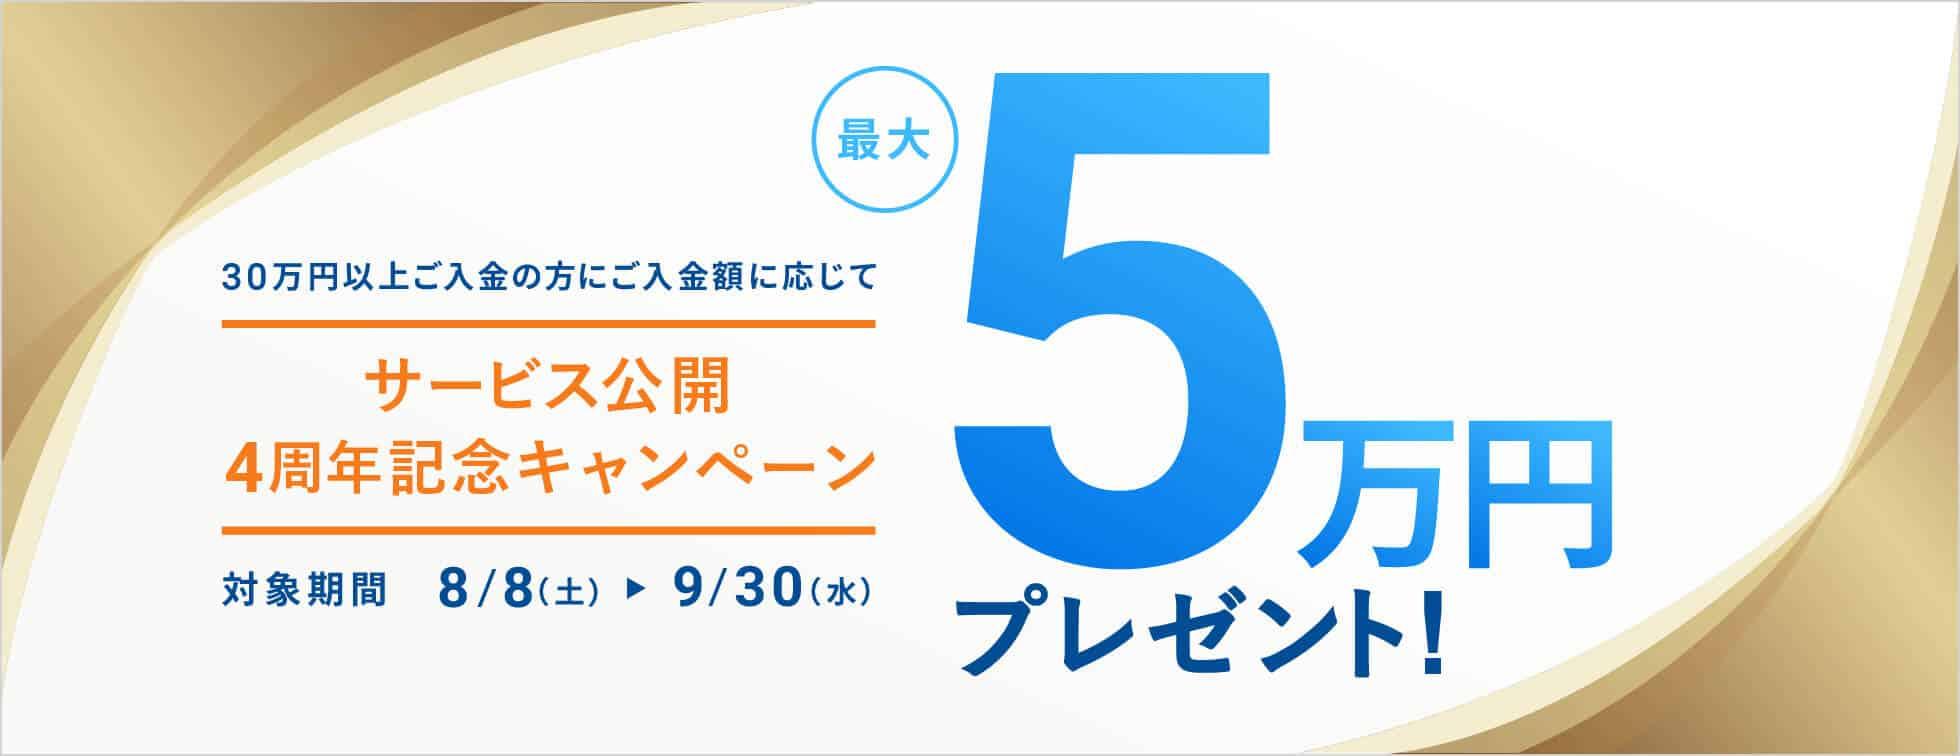 ウェルスナビ入金キャンペーン【2020年9月】